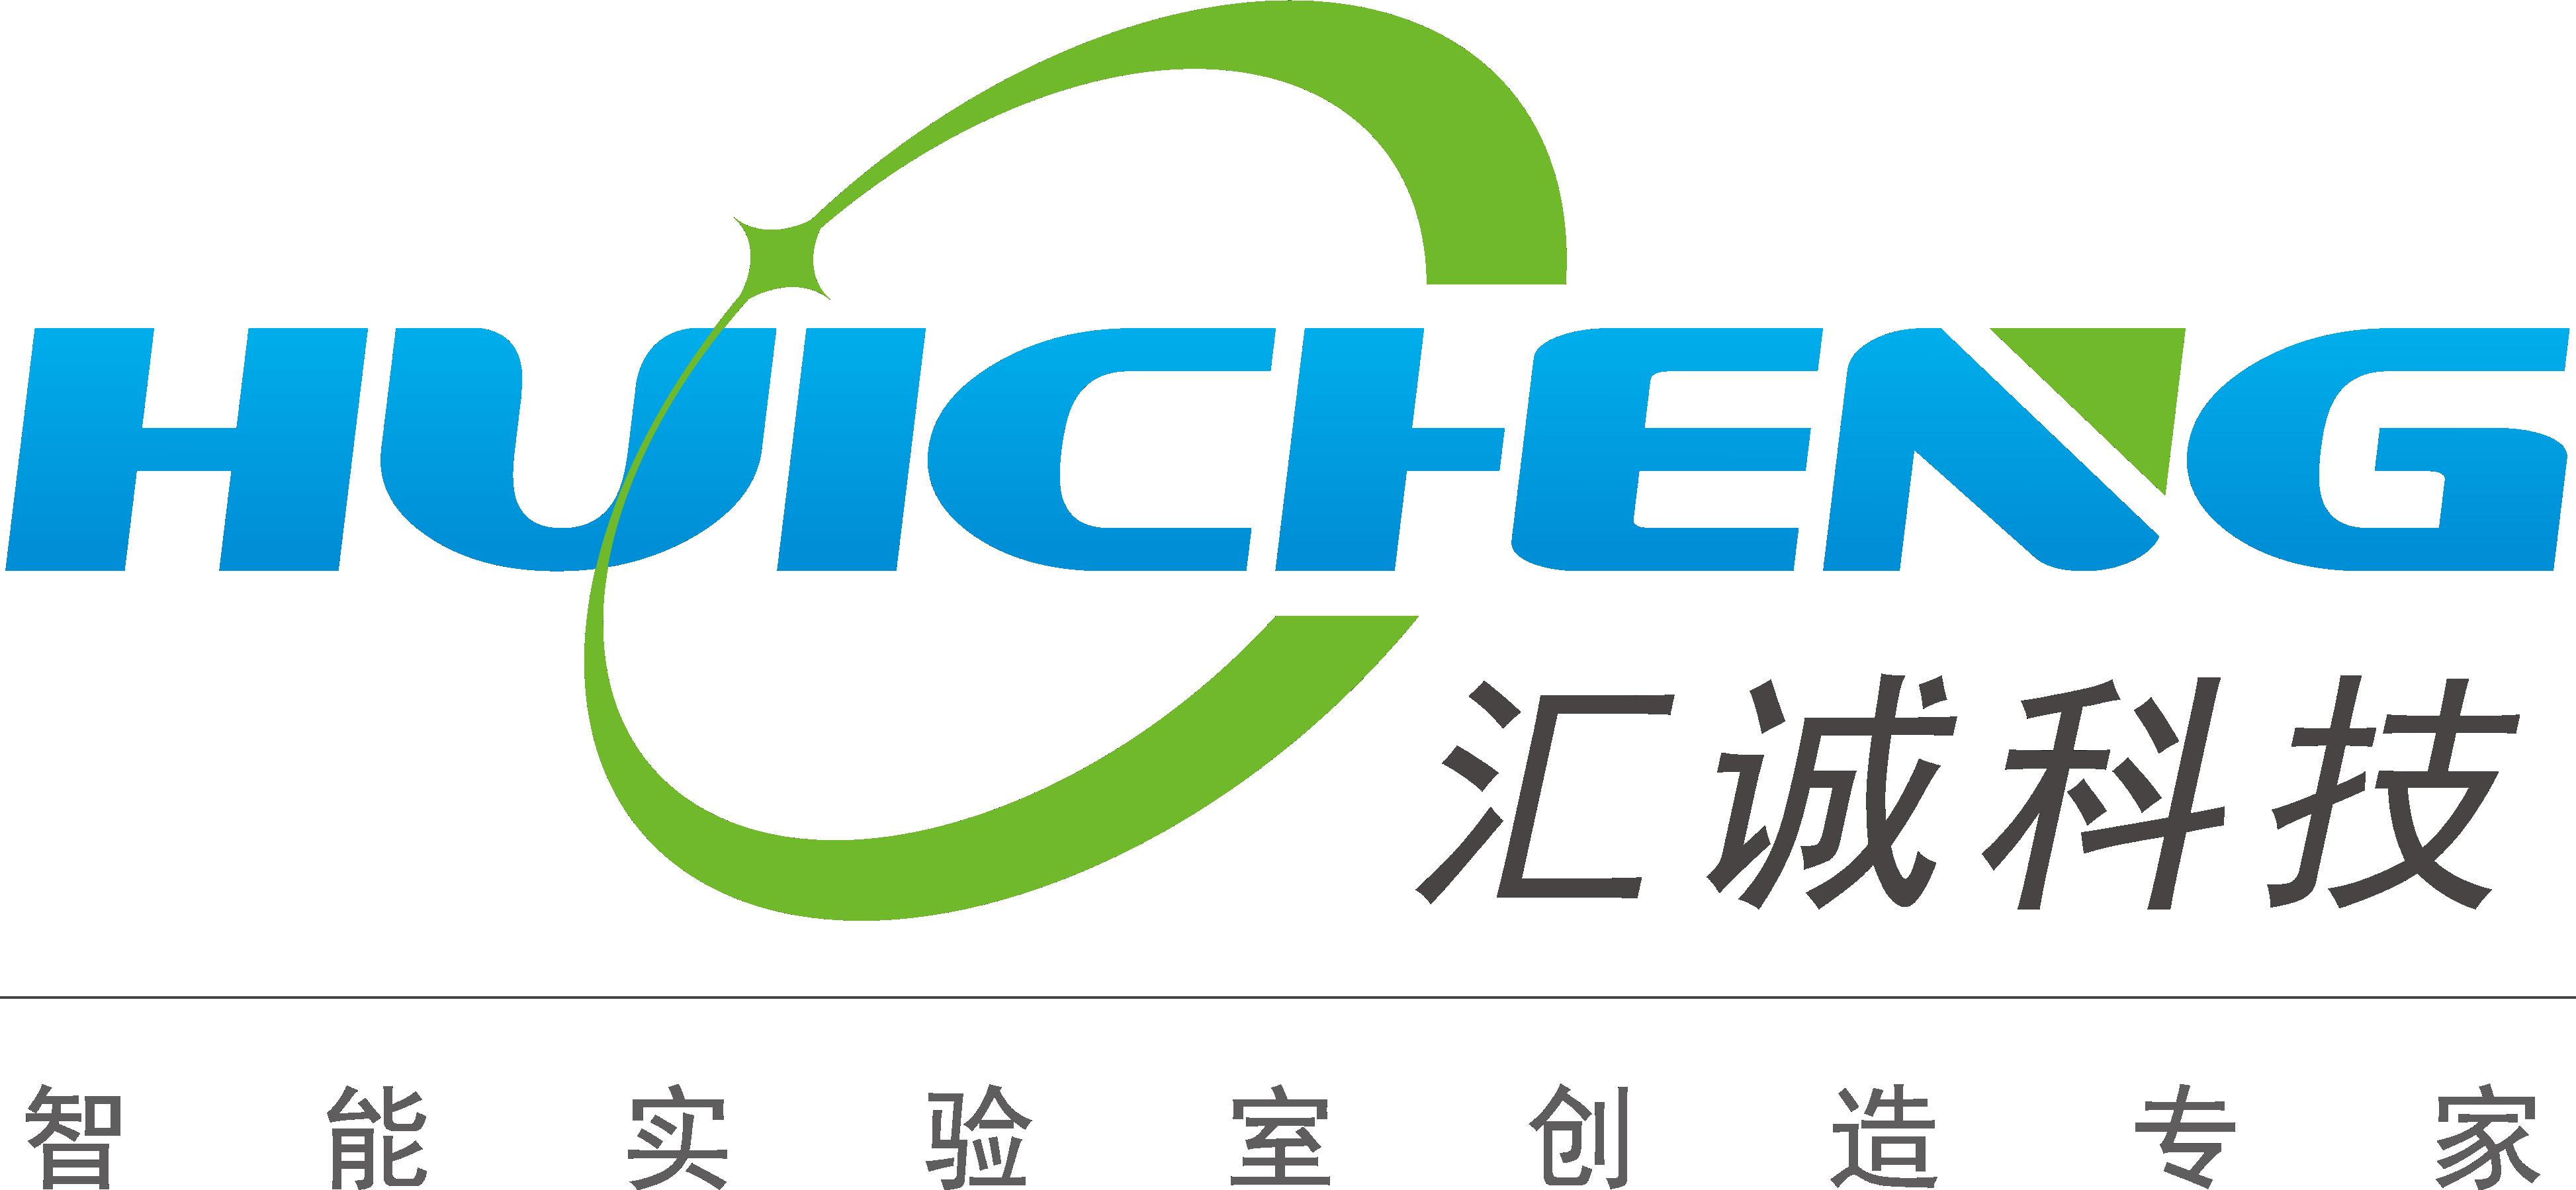 01汇诚logo